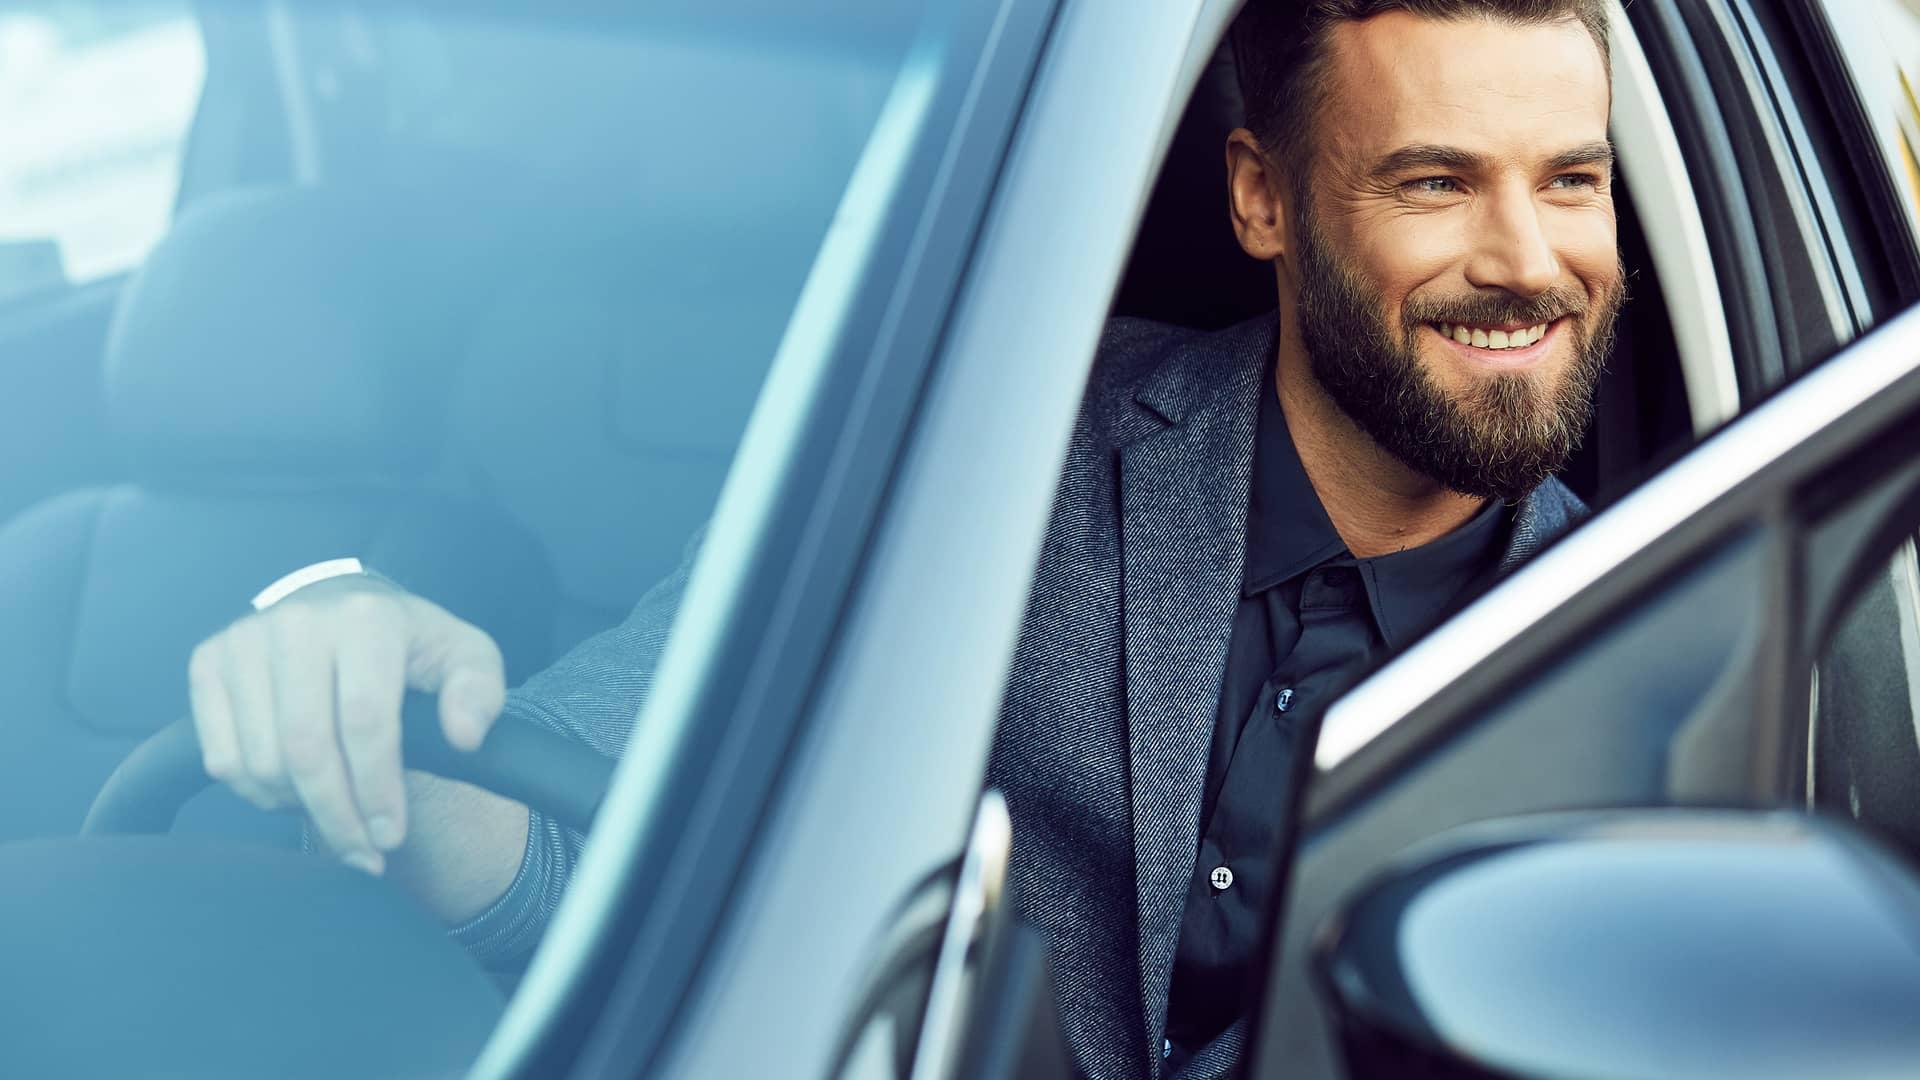 Joven sonriente en su nuevo coche simboliza préstamo coche